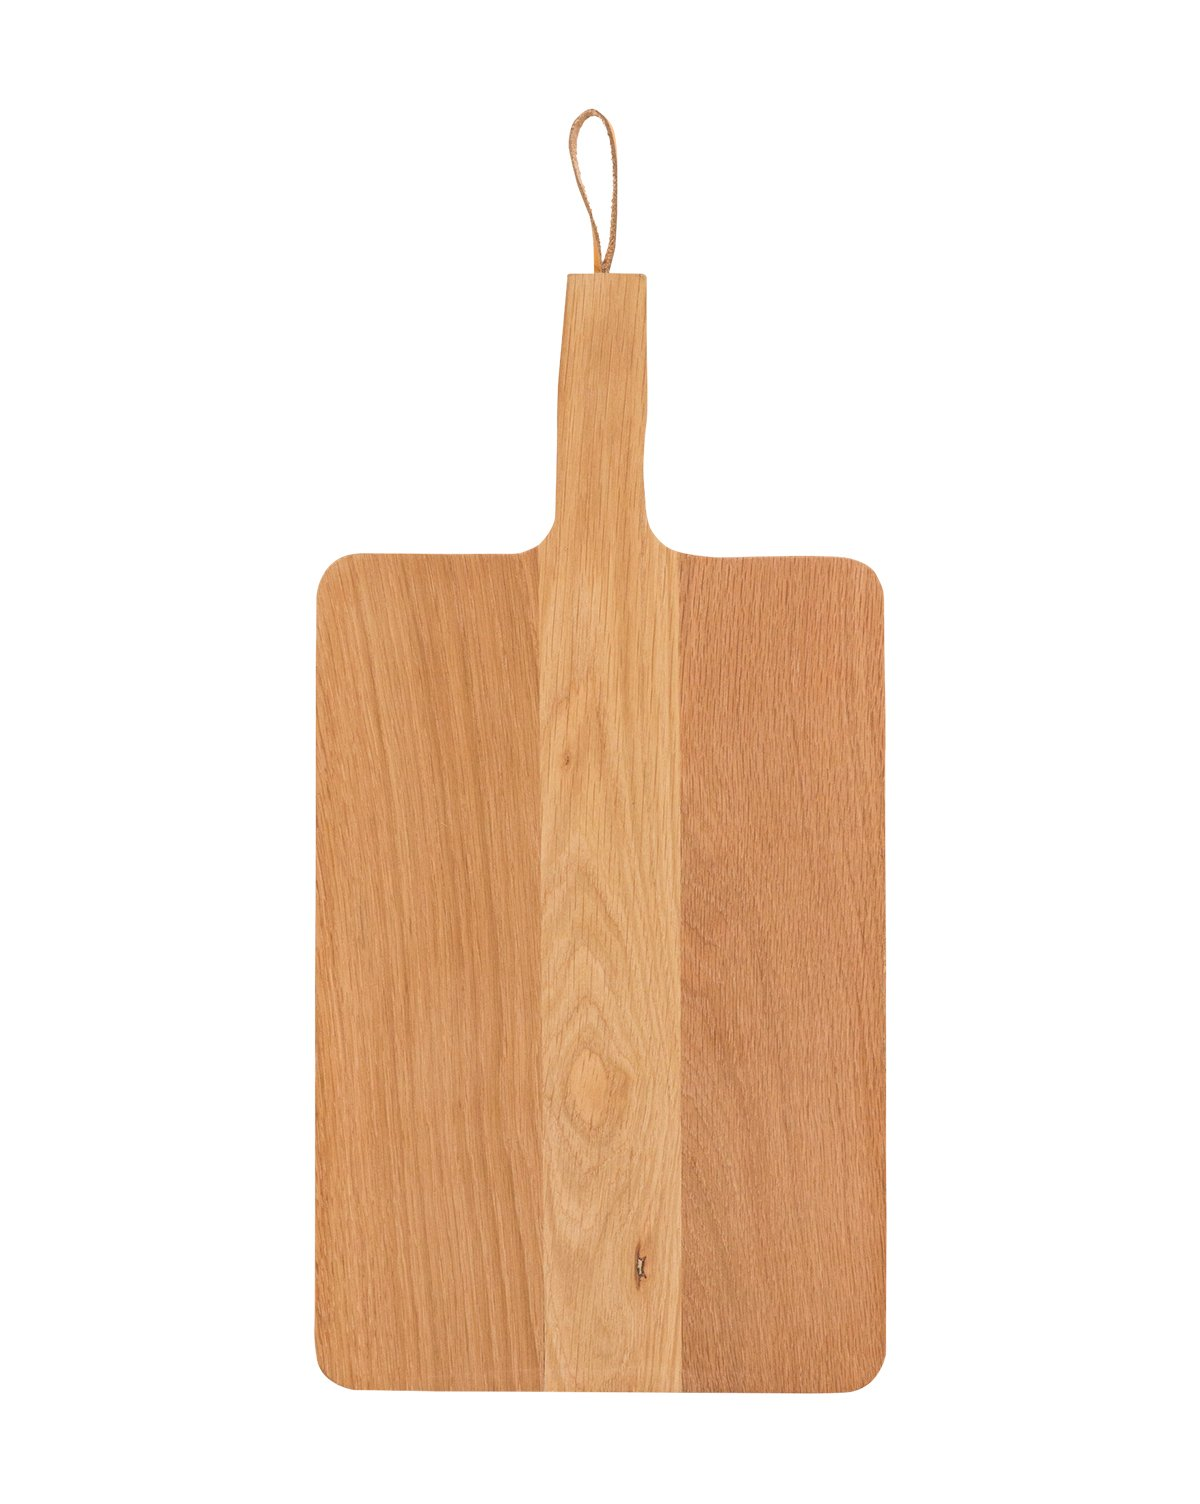 Nordic_Cutting_Board_1.jpg